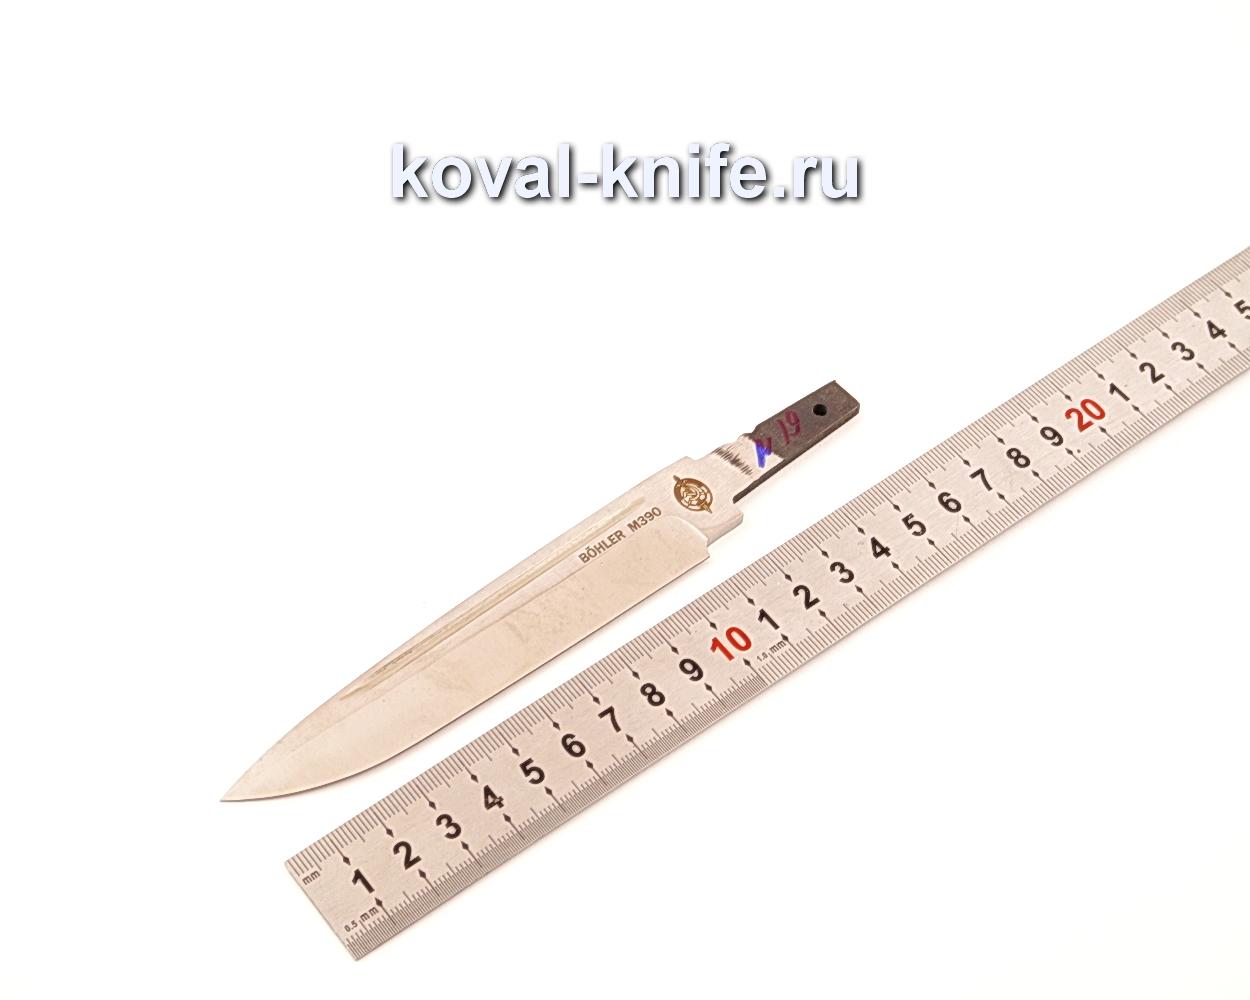 Клинок для ножа из порошковой стали Bohler M390 N19